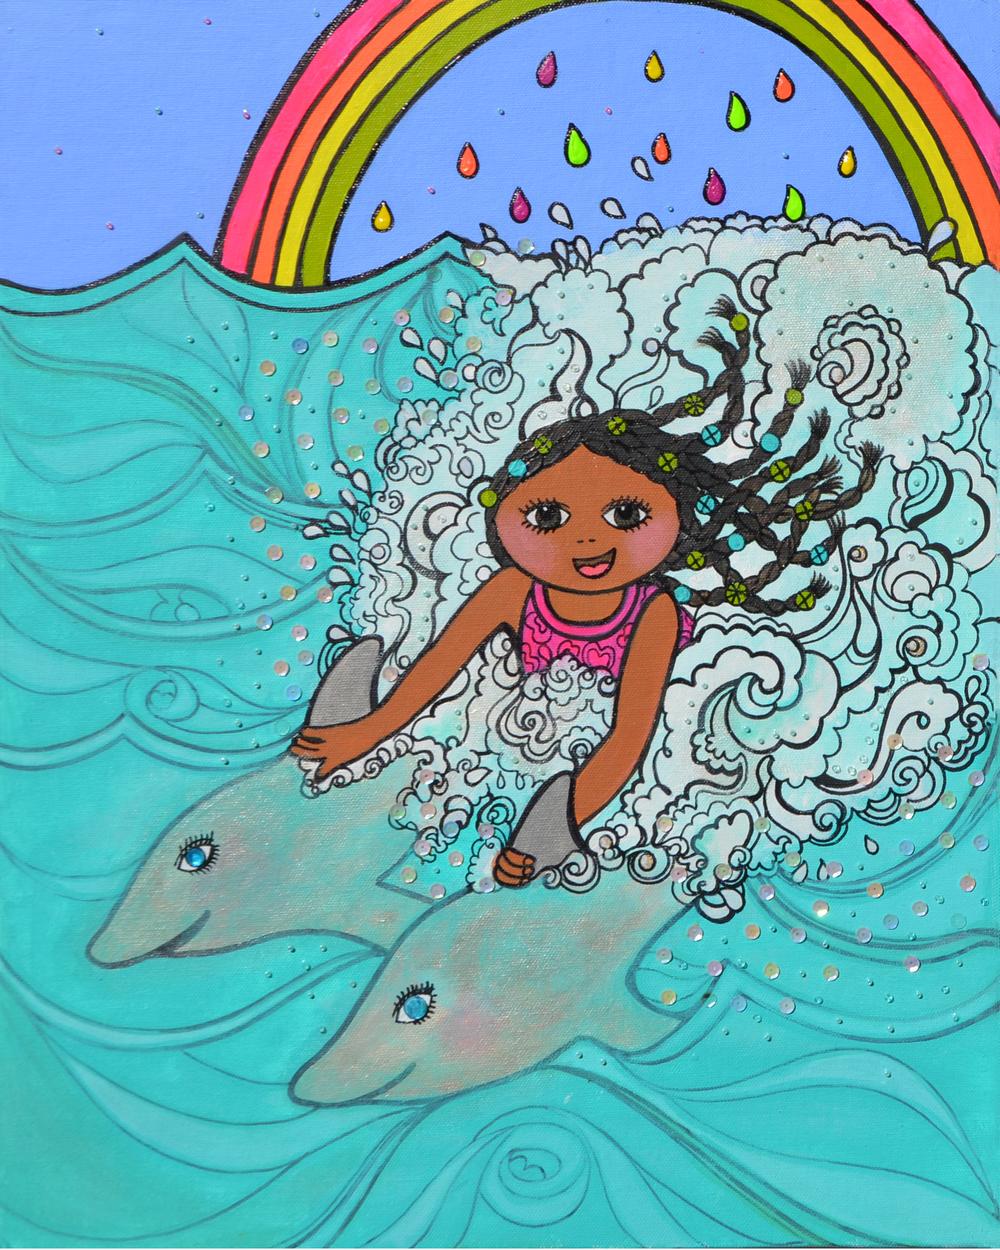 dolfijnen1.jpg